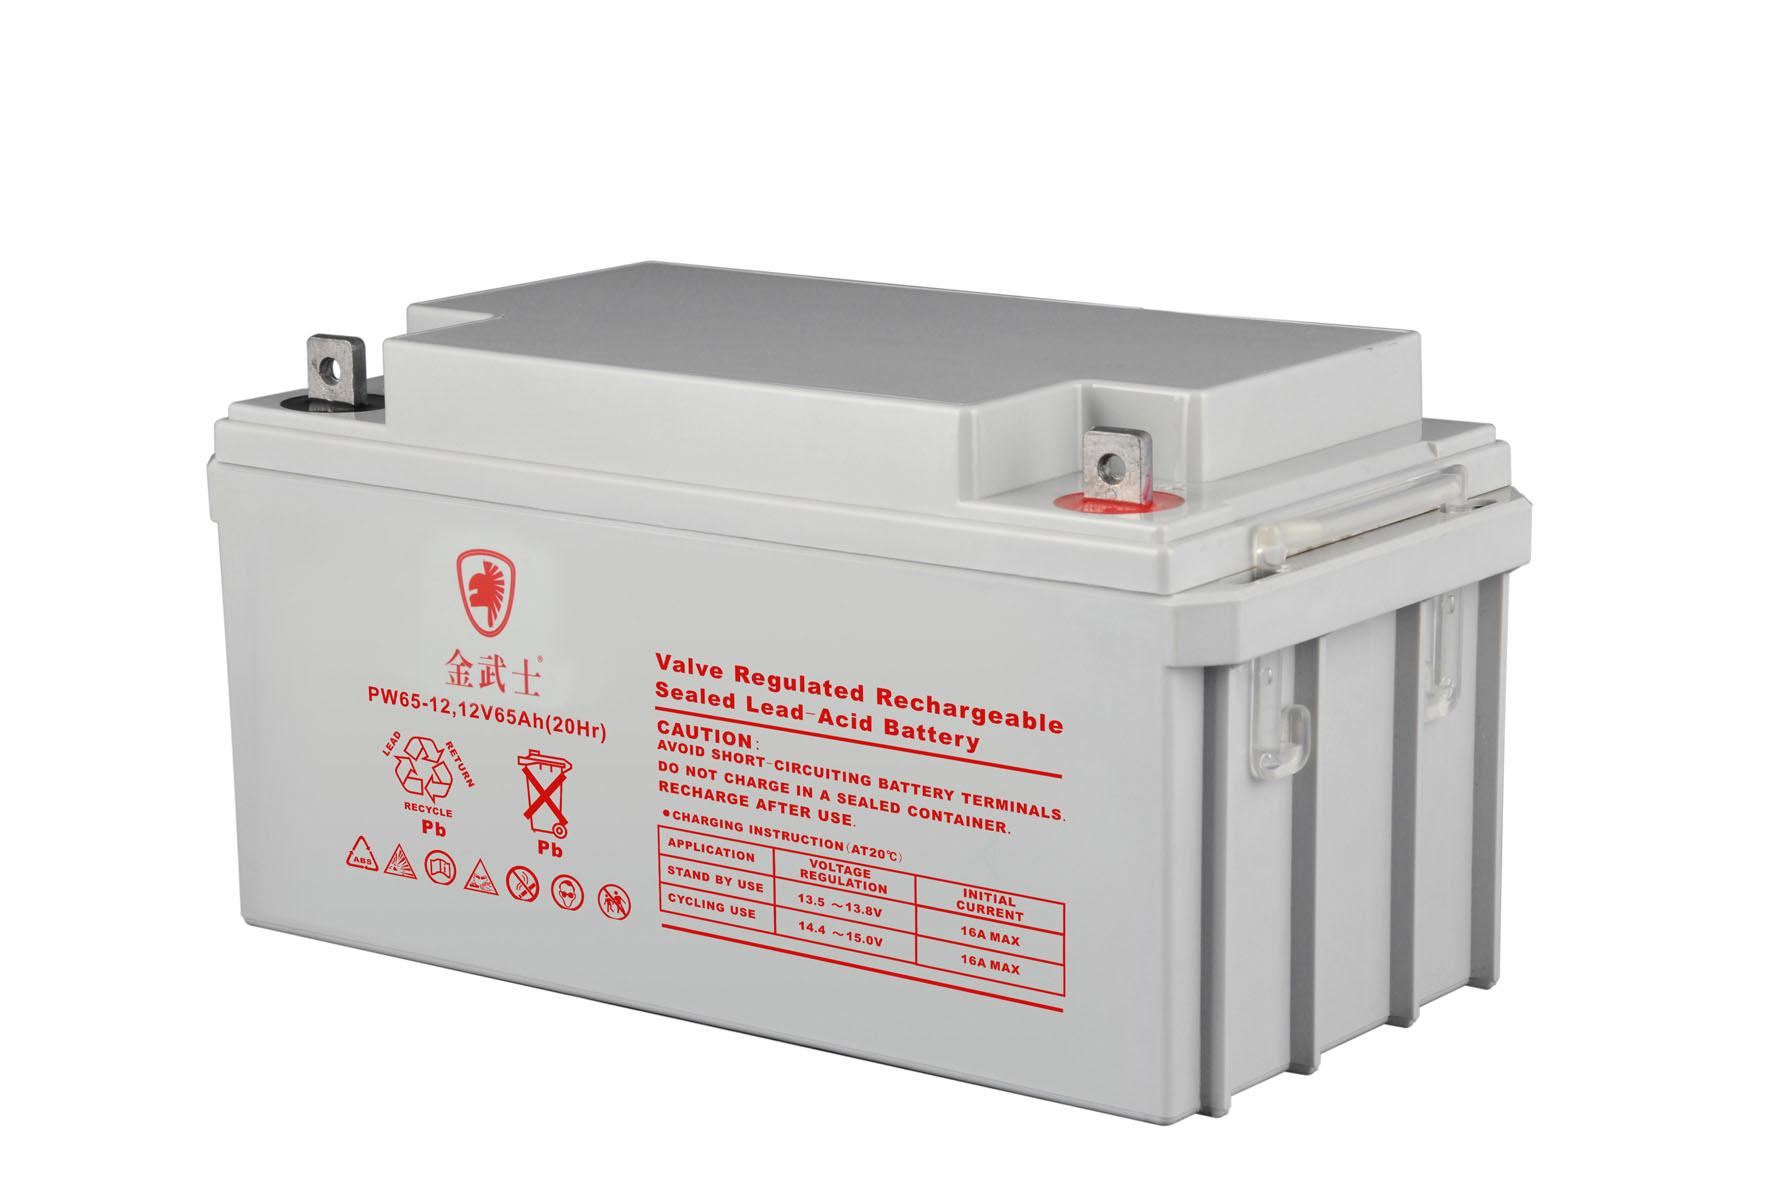 金の武士ups電源ST10KS / 8000W10KVAUPSホストさん時間セット価格を含む電池